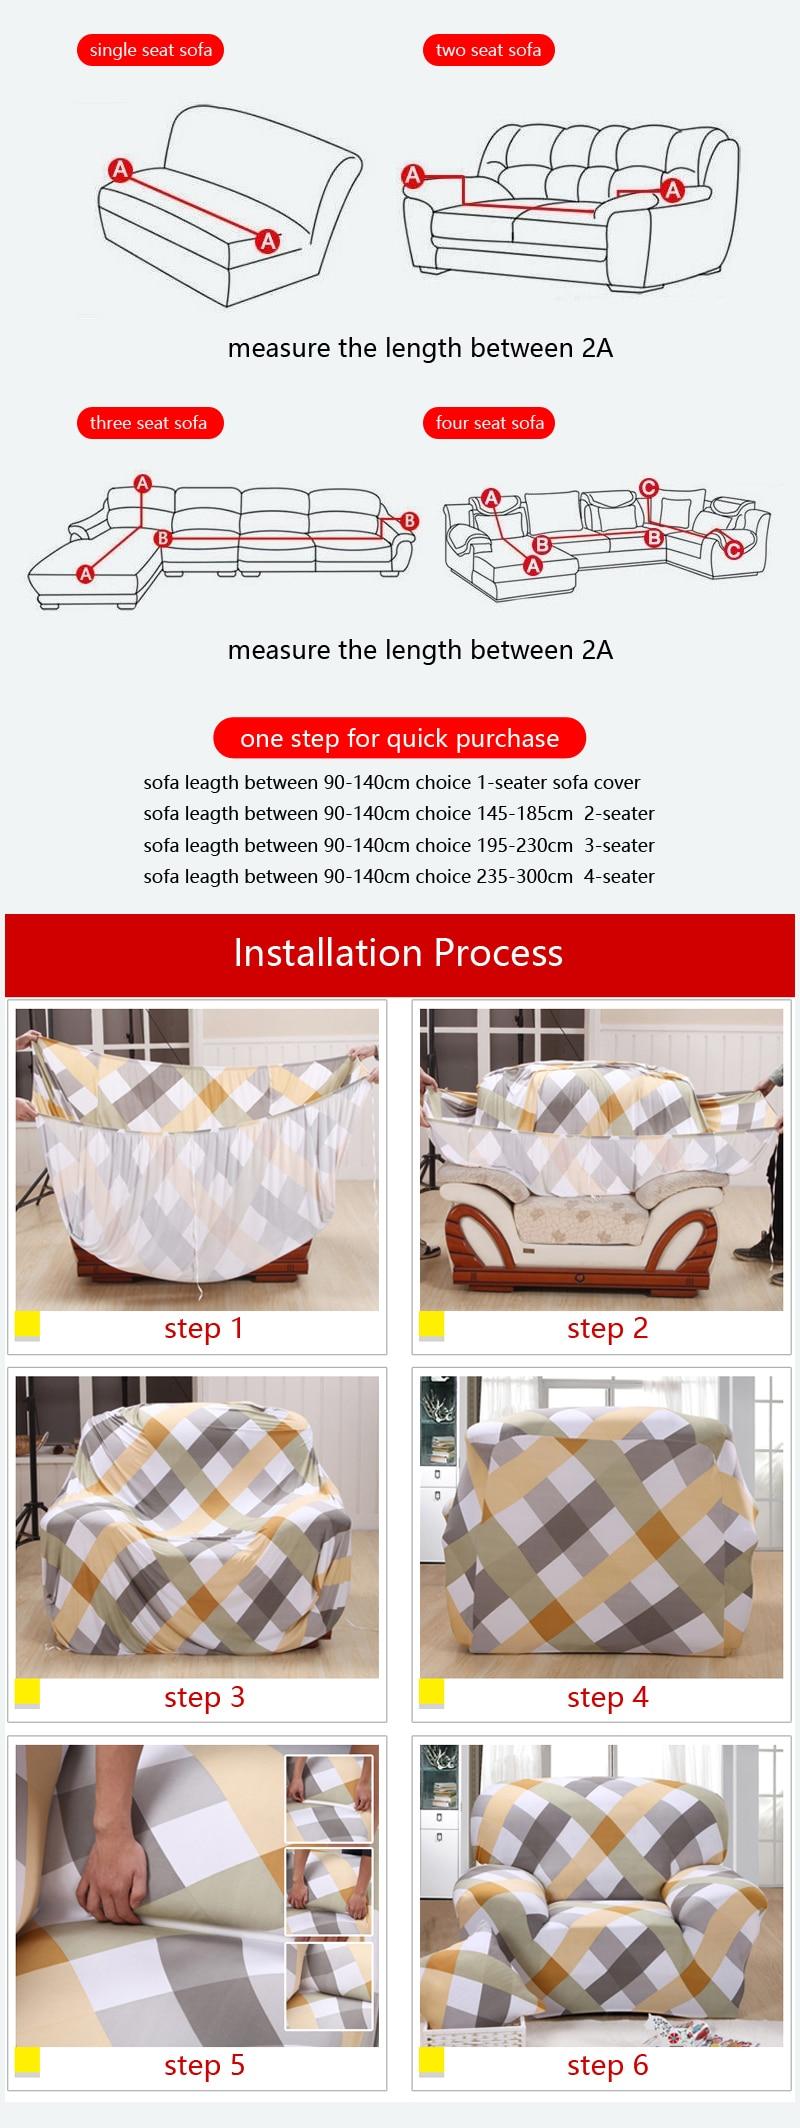 沙发安装流程